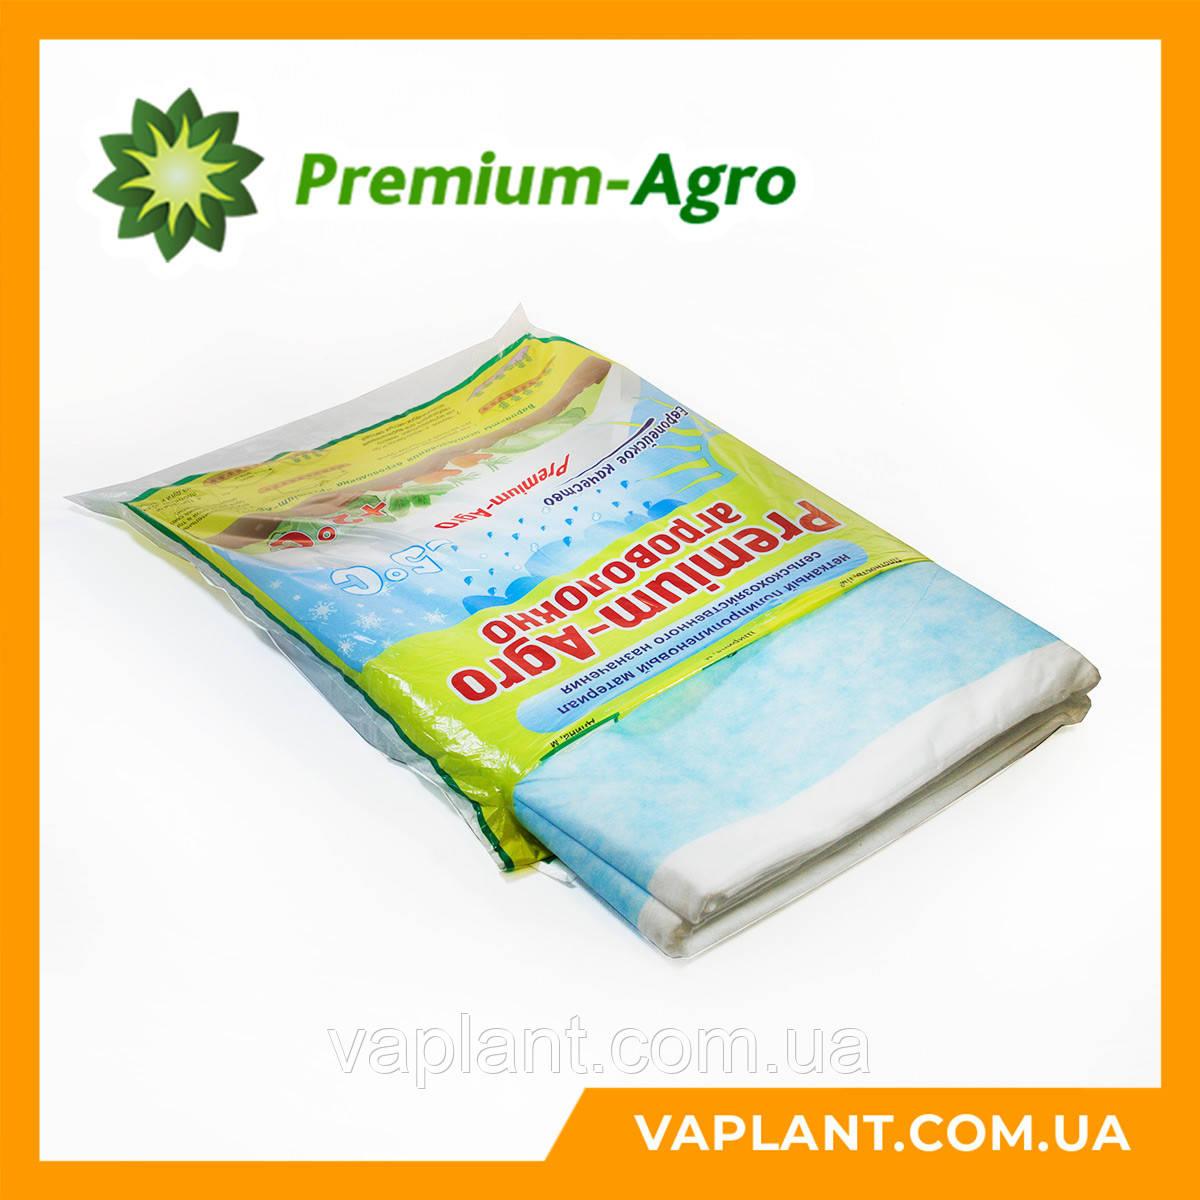 Агроволокно БІЛЕ в пачці Premium-agro (Польща) 42g/m2 / 3,2*10